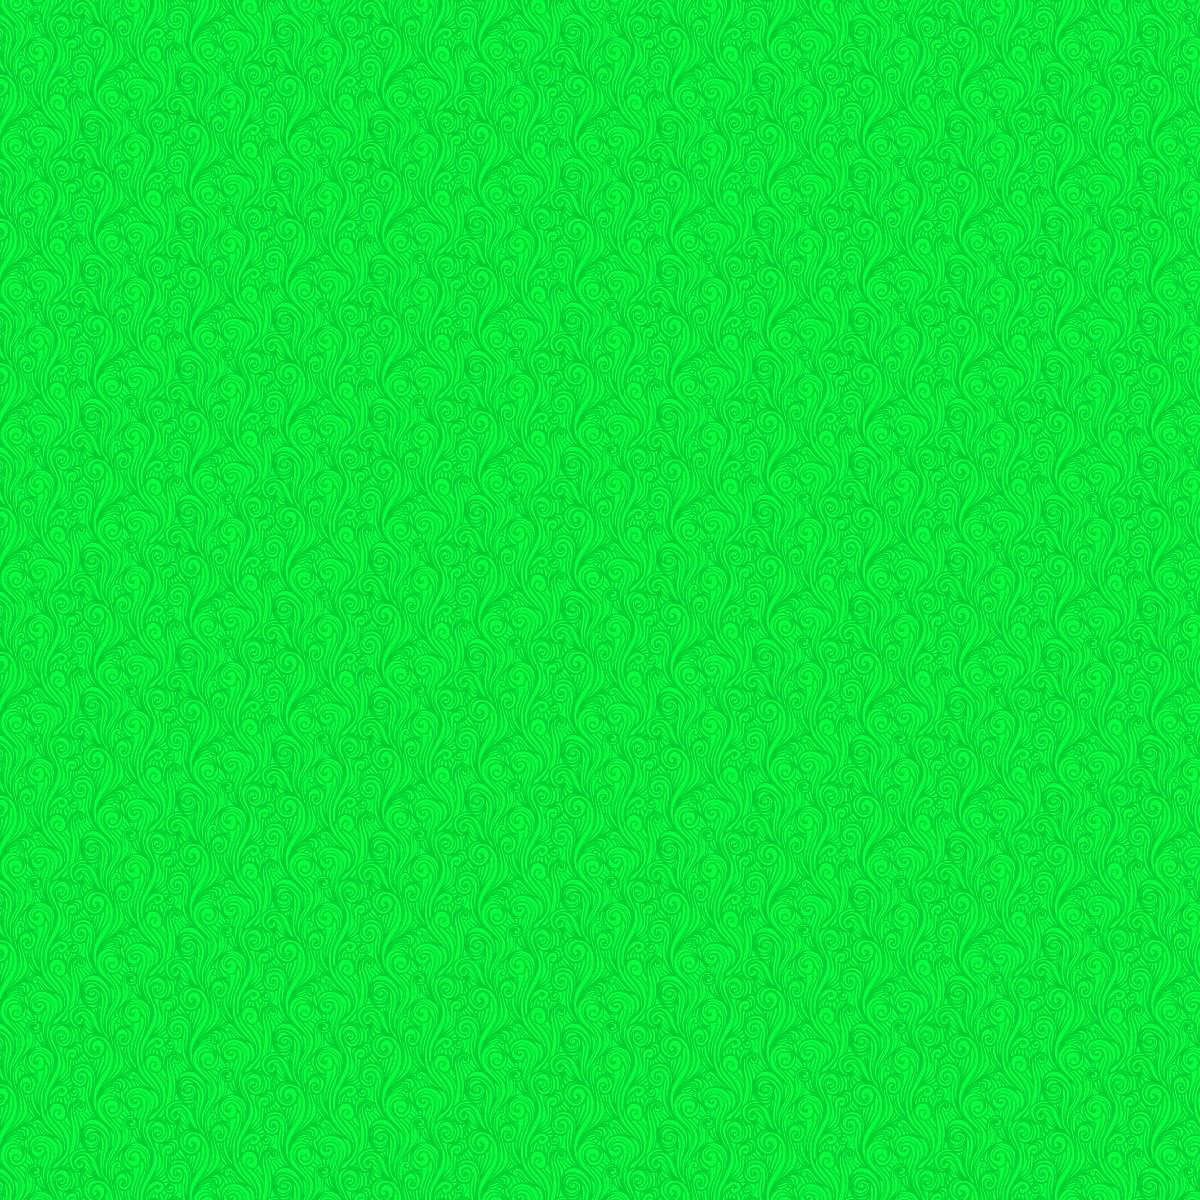 بالصور خلفية خضراء , صور باللون الاخضر 882 8